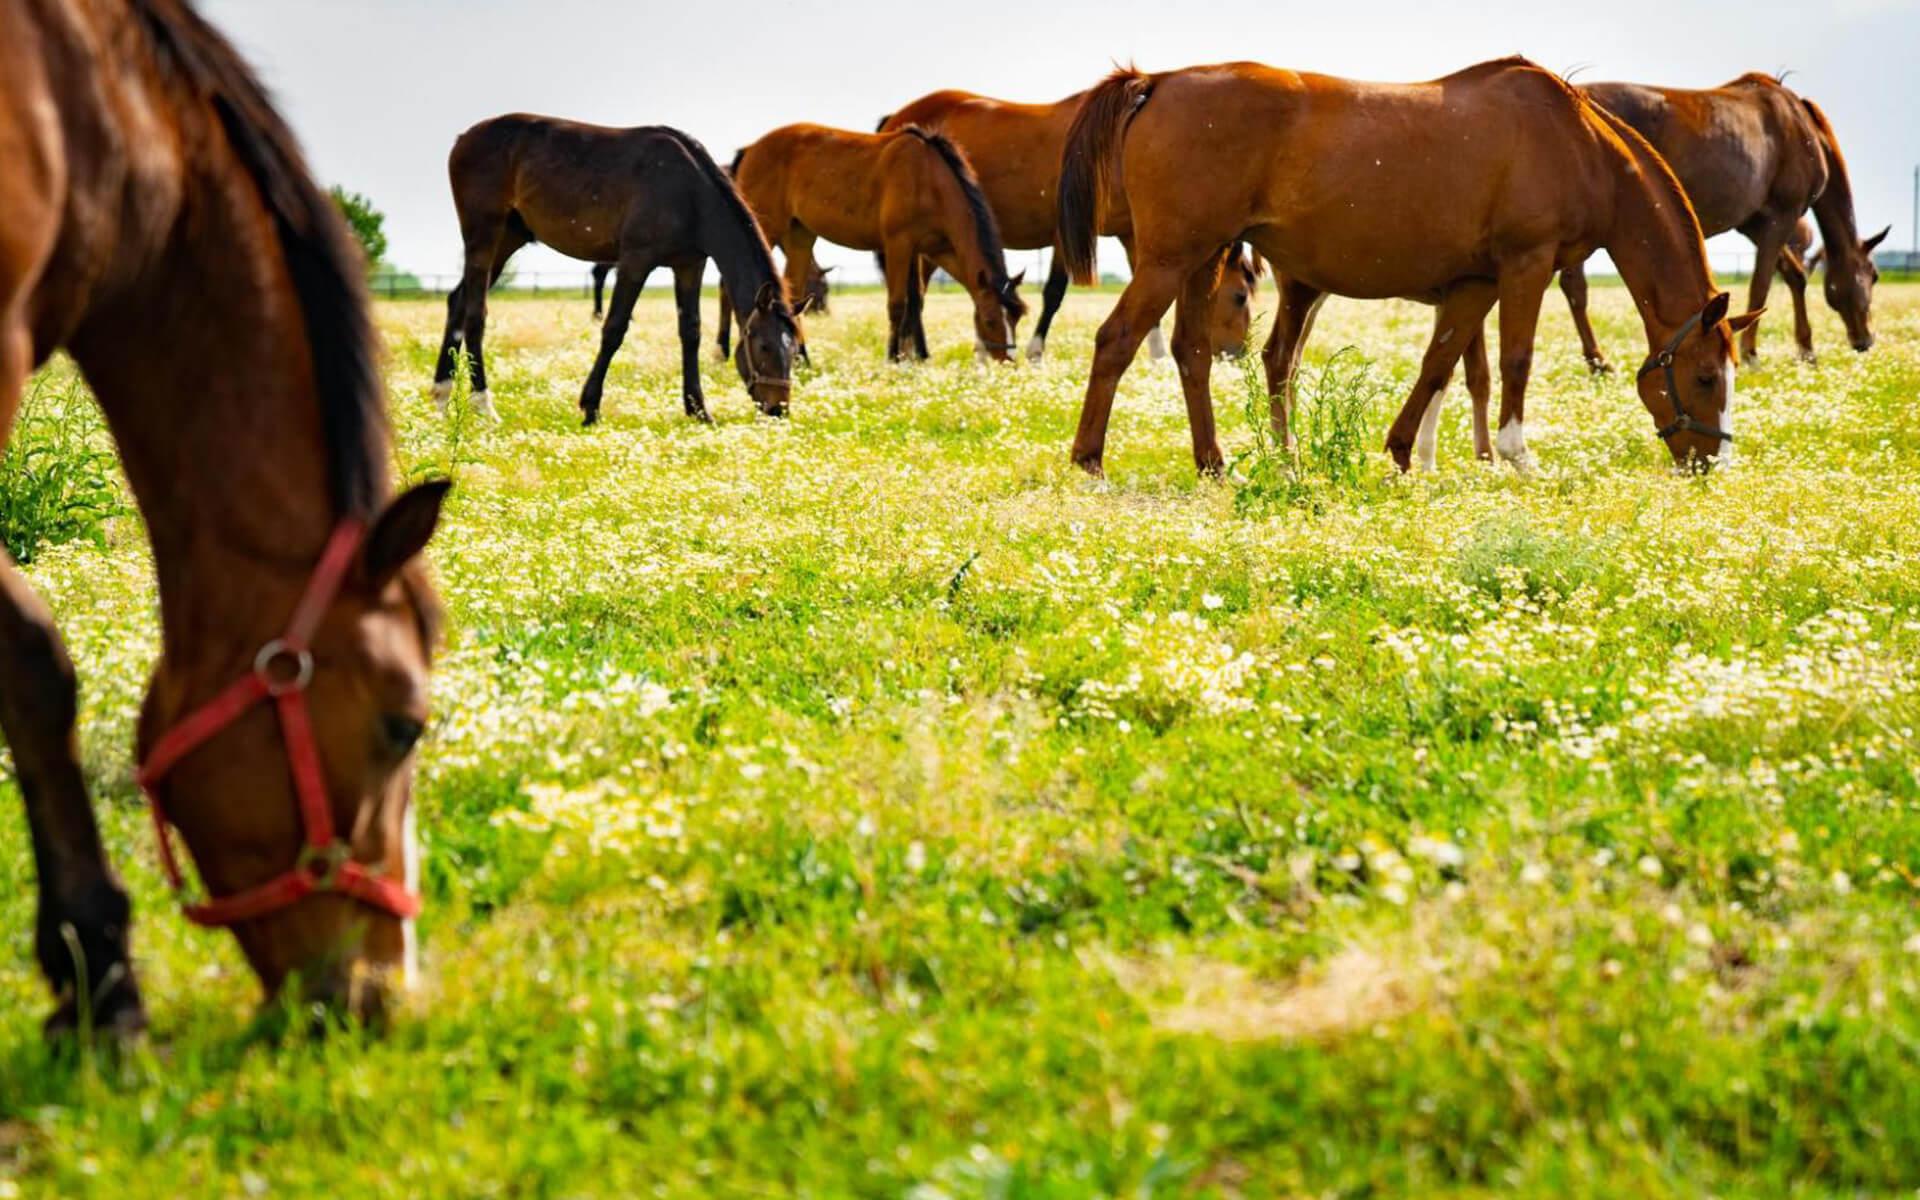 коне пасат трева на поляна